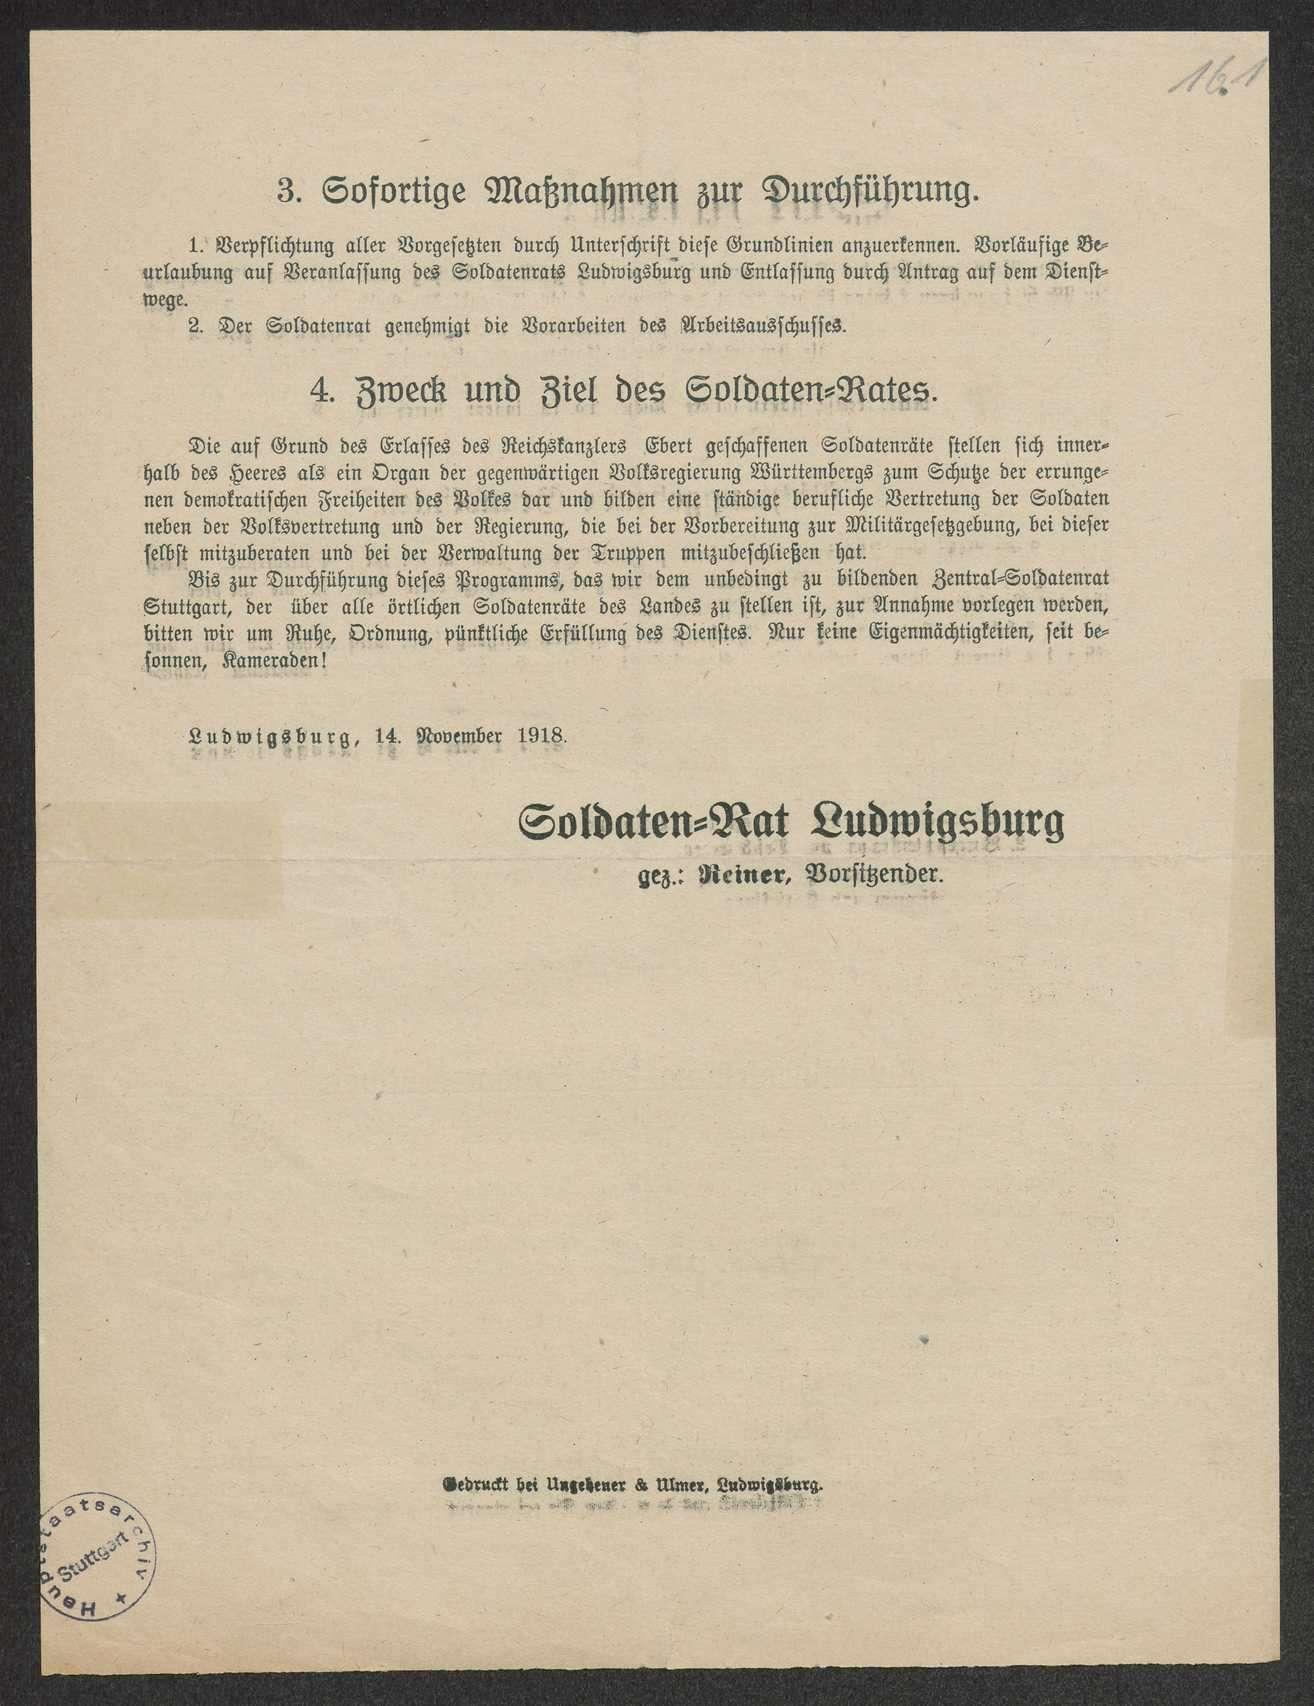 Abgabe von Treueerklärungen gegenüber der Regierung durch alle Militärpersonen einschließlich der Soldatenräte; Androhung der sofortigen Entlassung bei Verweigerung der Abgabe, Unterschriftenlisten, Bild 3